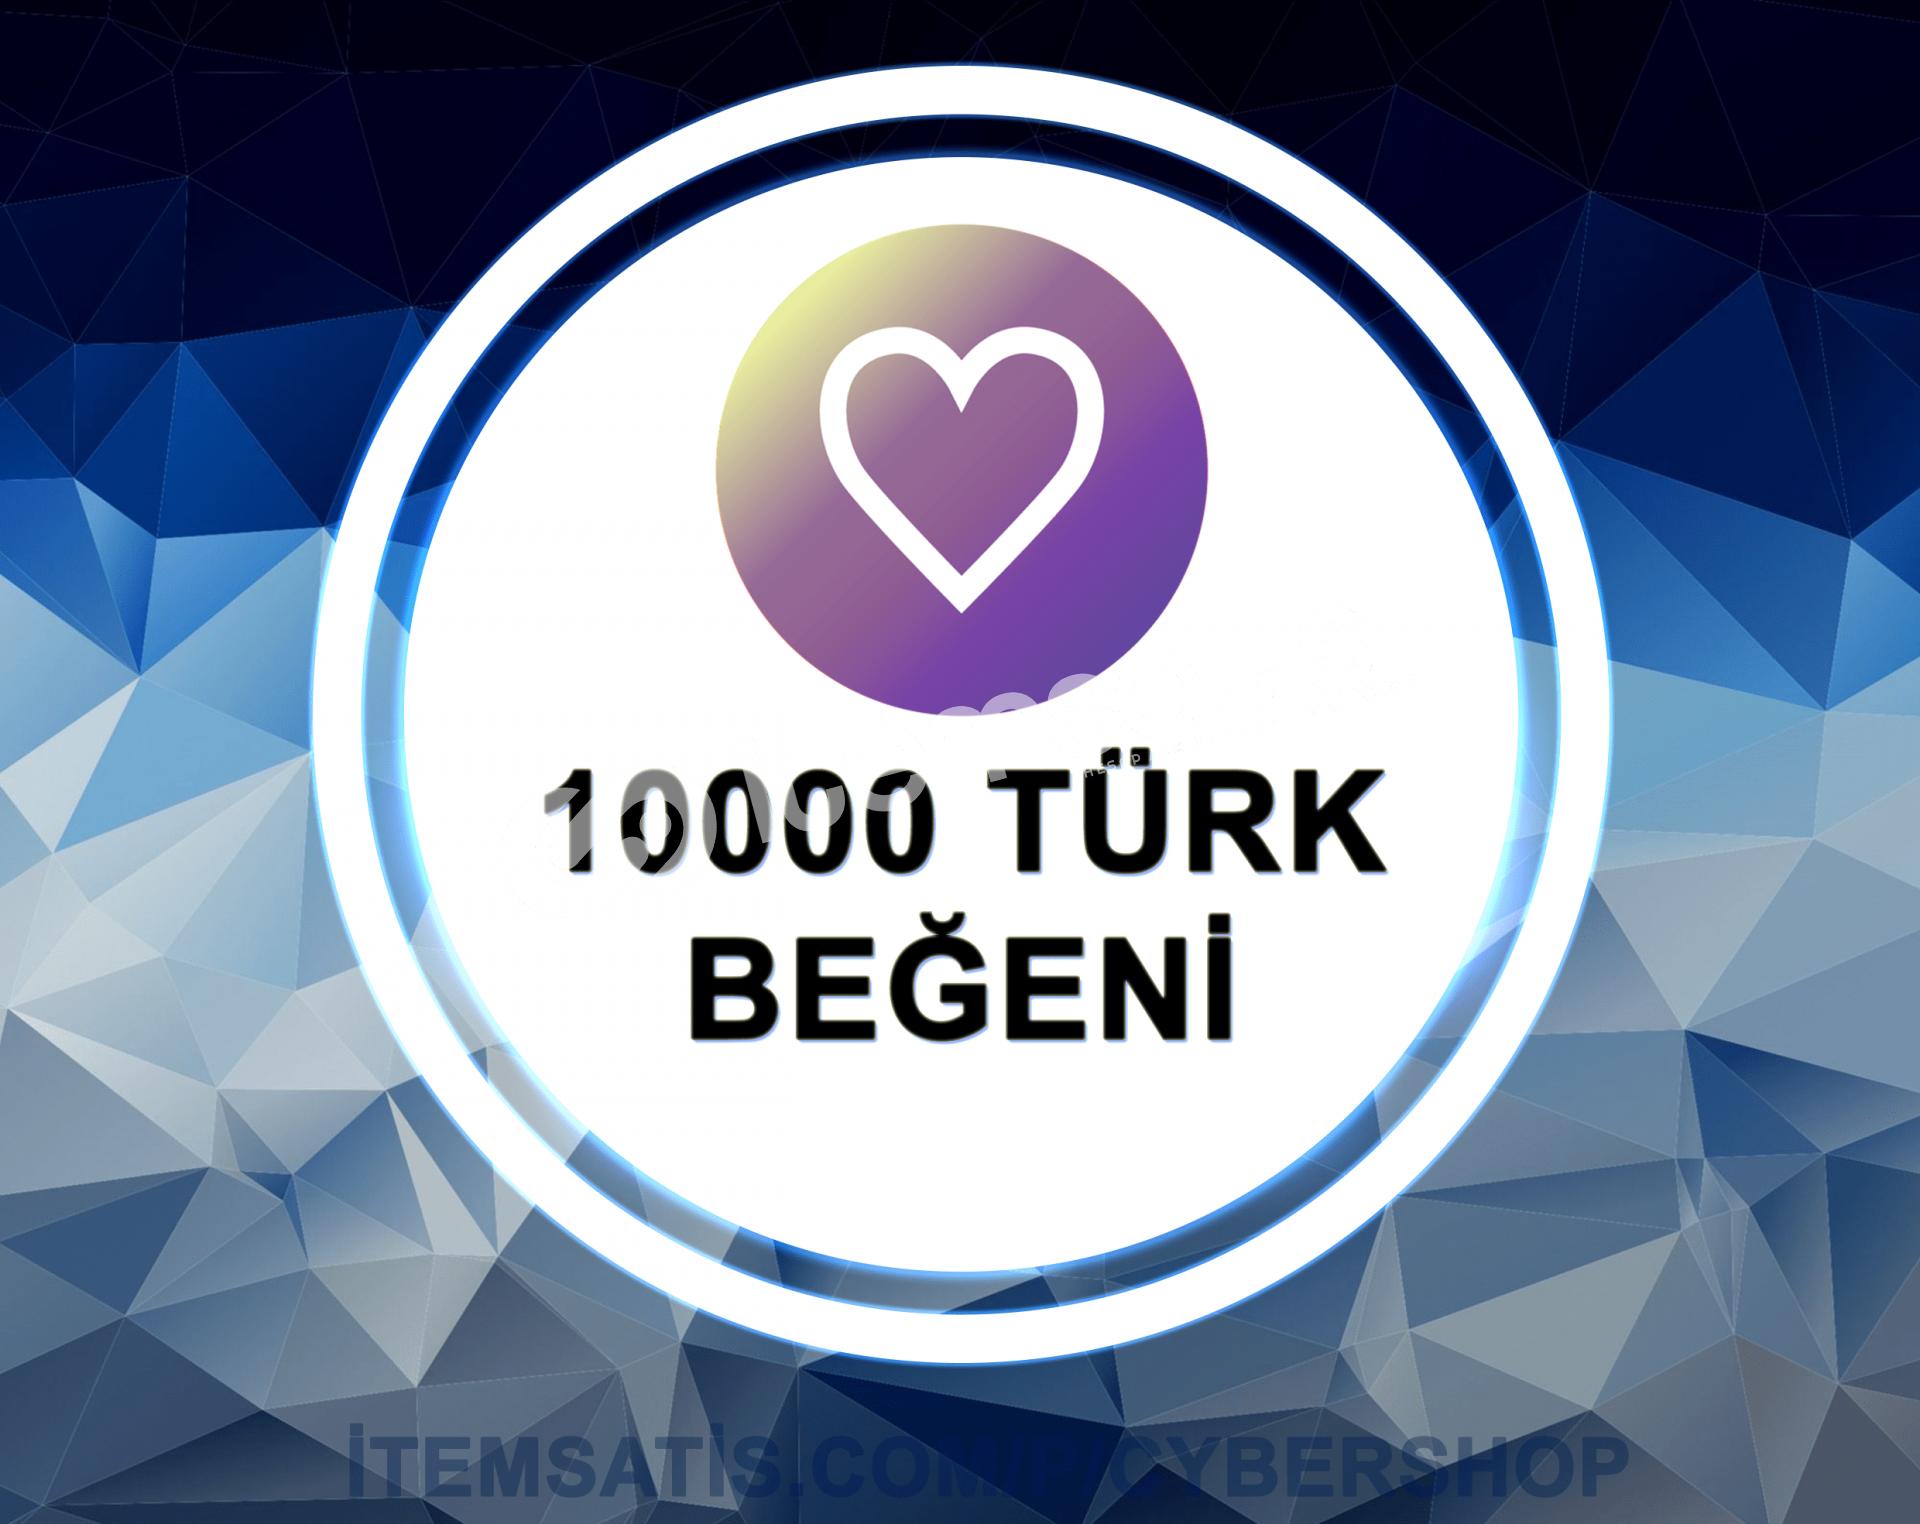 10.000 [TÜRK] Beğeni Paketi (Anlık Gönderim)